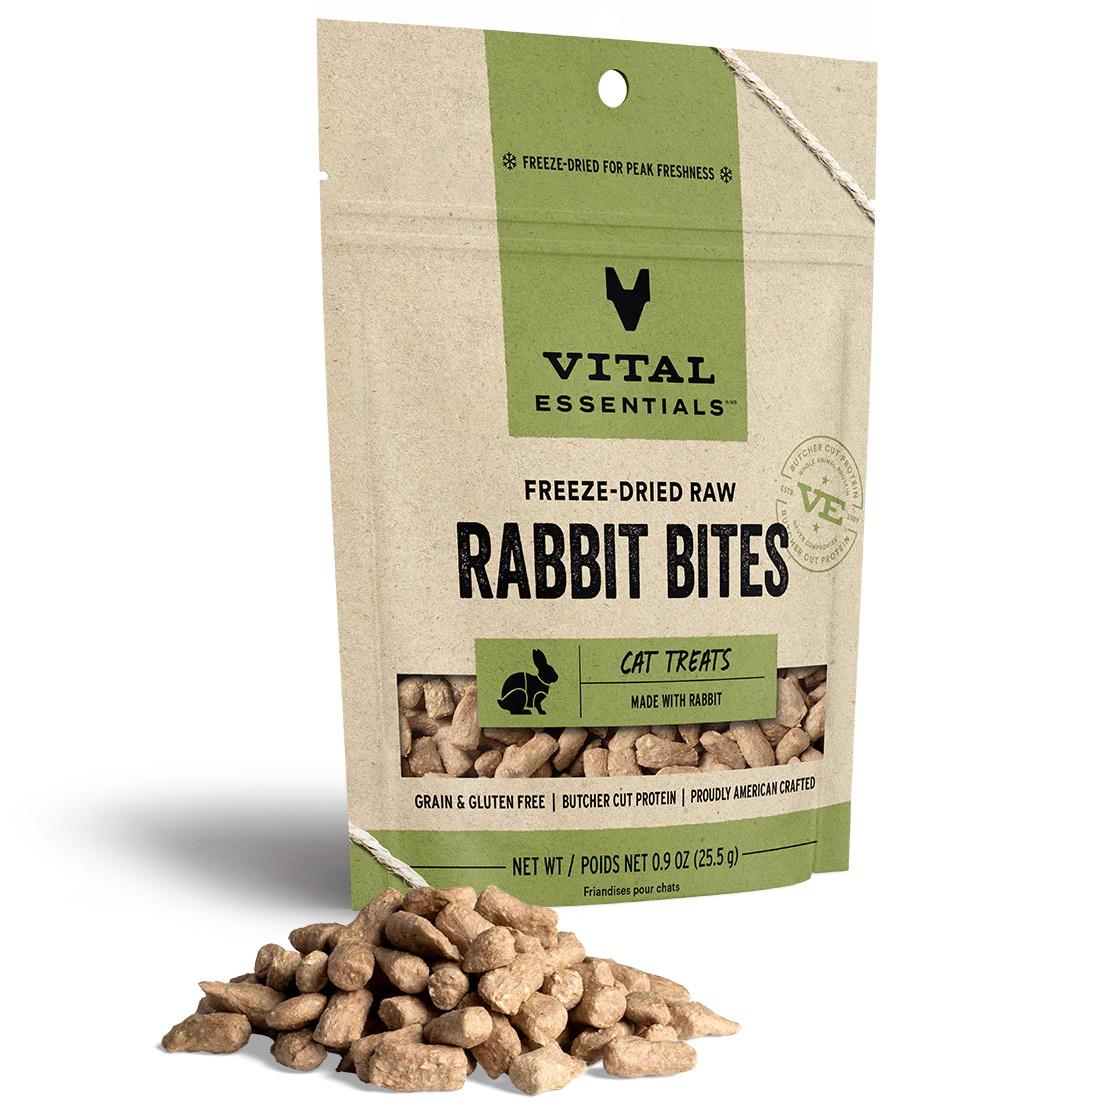 Vital Essentials Vitalcat Rabbit Bites Freeze Dried Cat